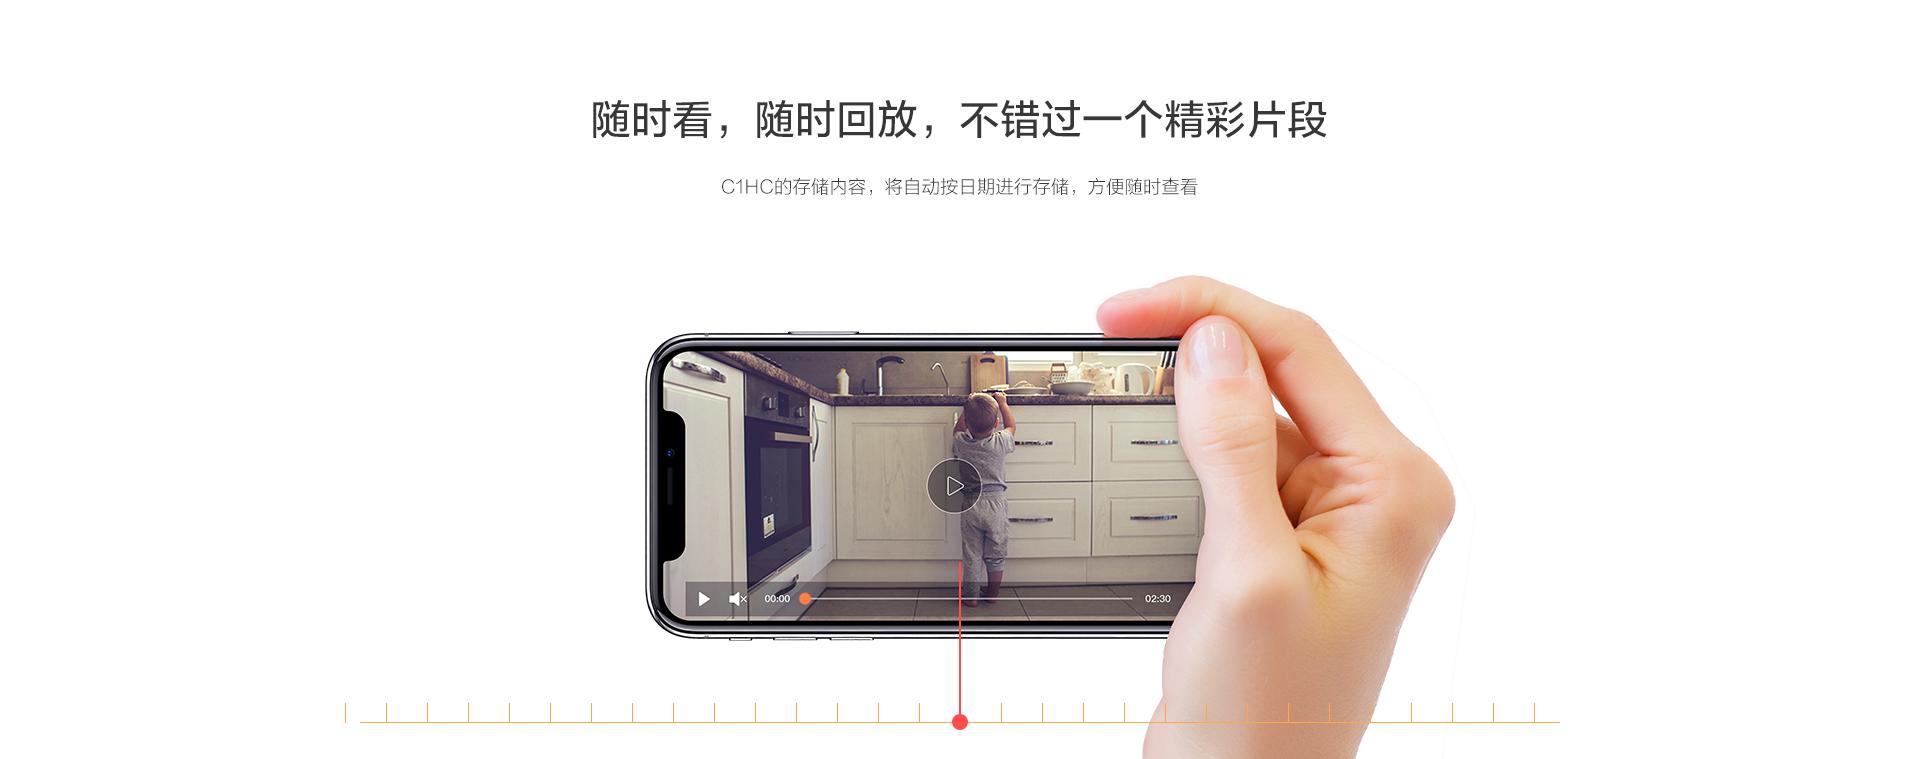 C1HC互联网摄像机-YS-C1HC-11